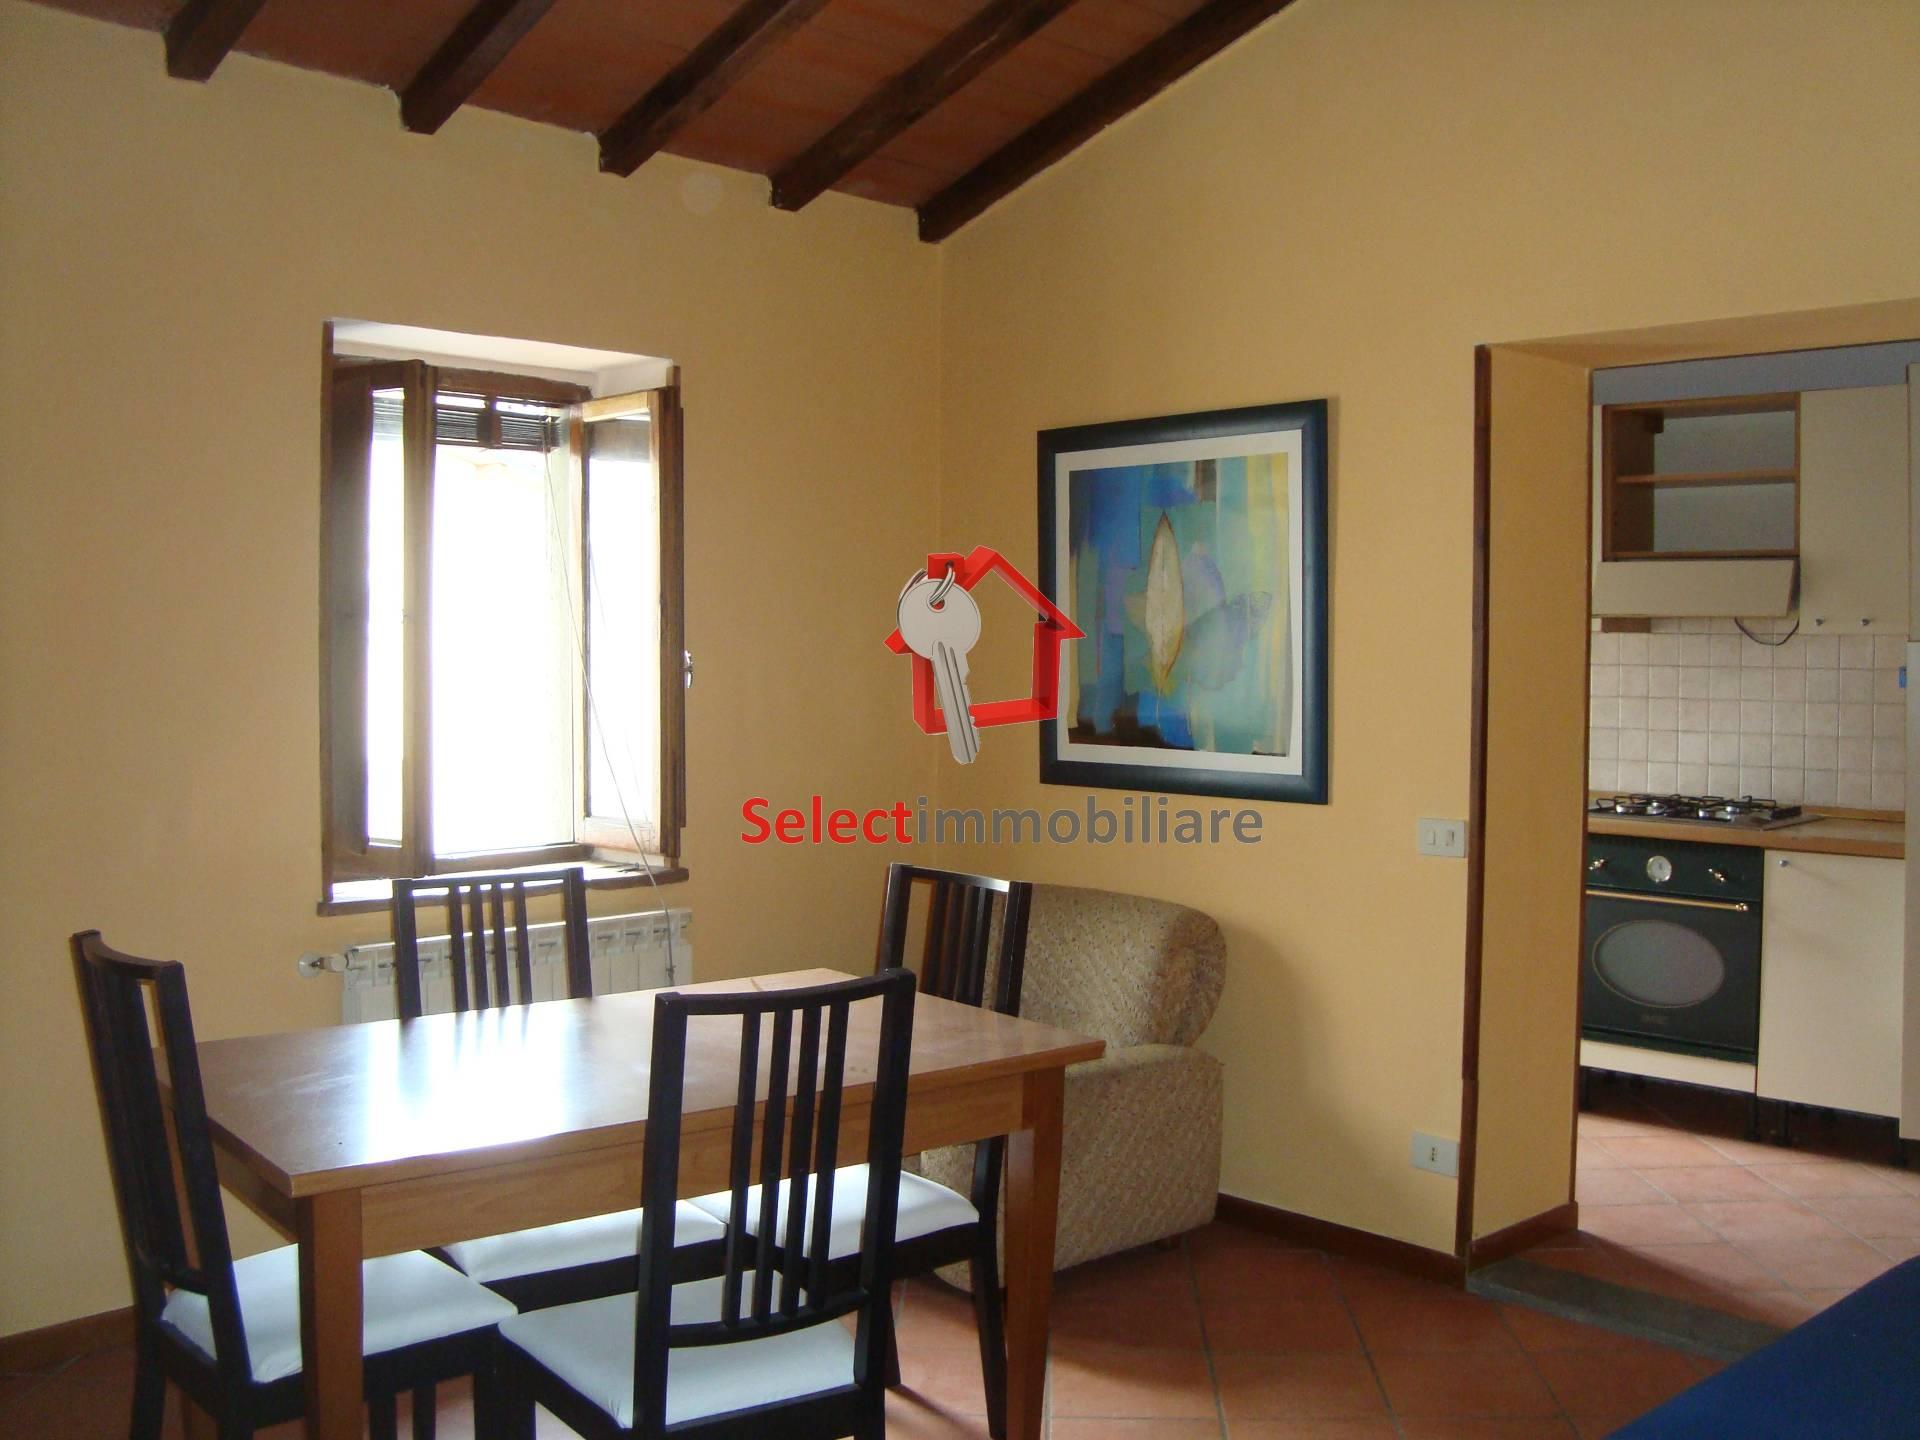 Appartamento in affitto a Barga, 2 locali, zona Località: FornacidiBarga, prezzo € 450 | CambioCasa.it